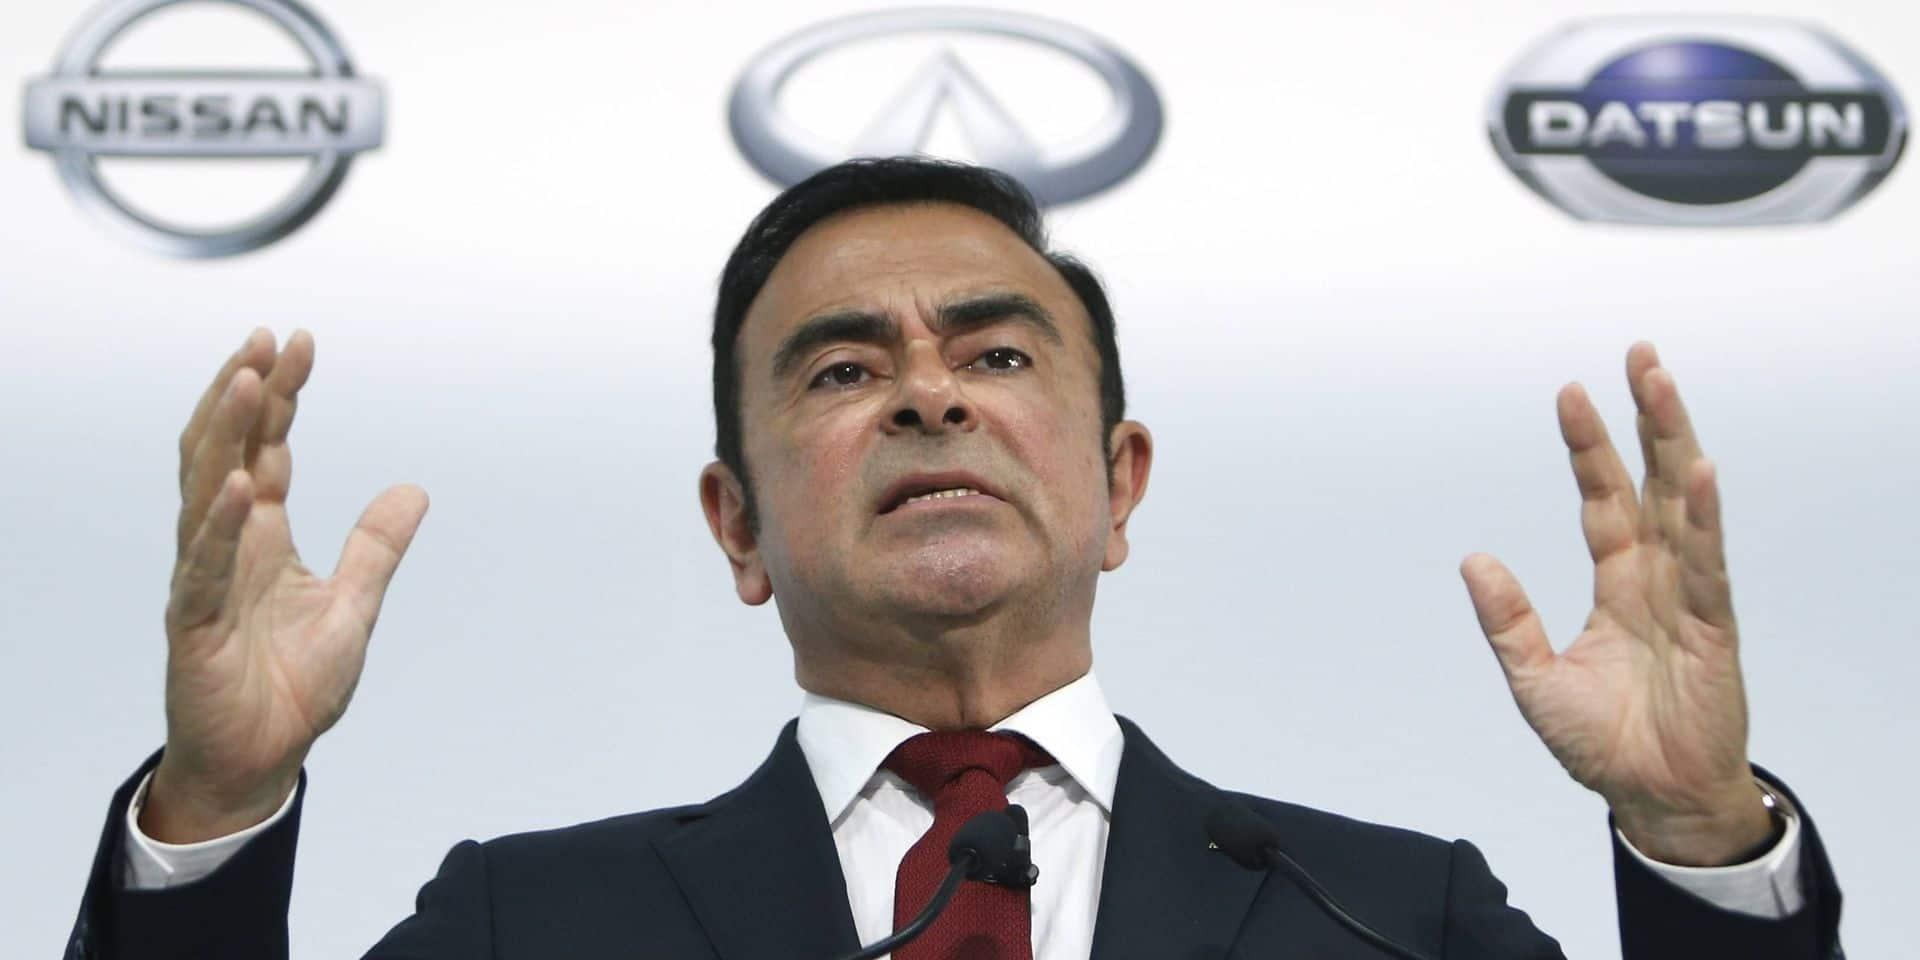 """Depuis son départ, Renault serait dans un """"marasme absolu"""" et sous la """"mainmise de l'Etat""""."""